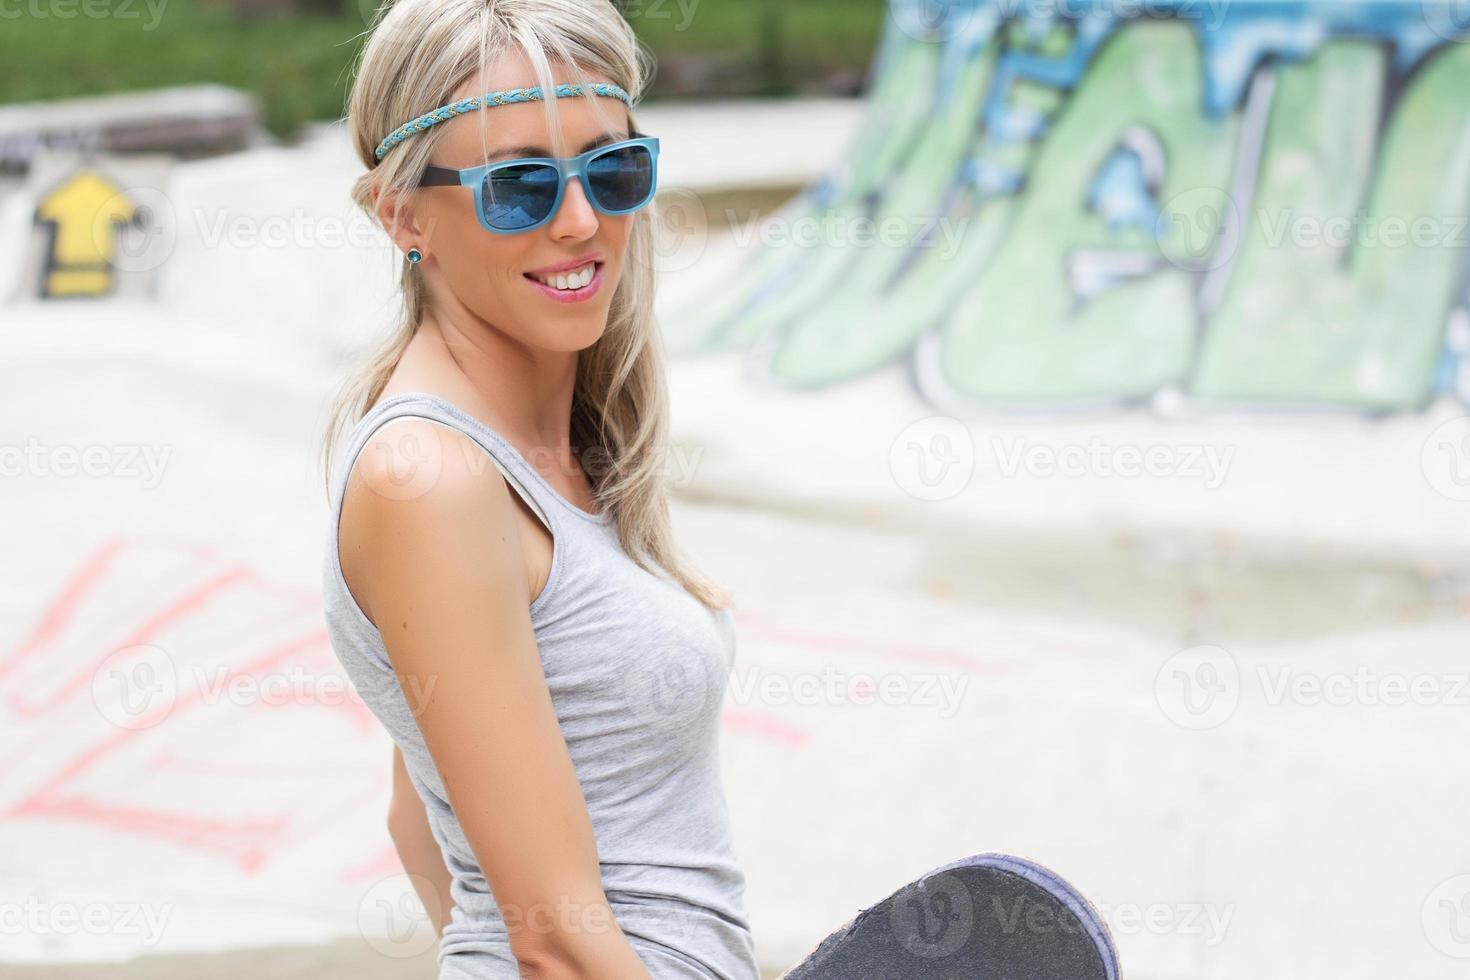 jovem adolescente no parque de skate foto